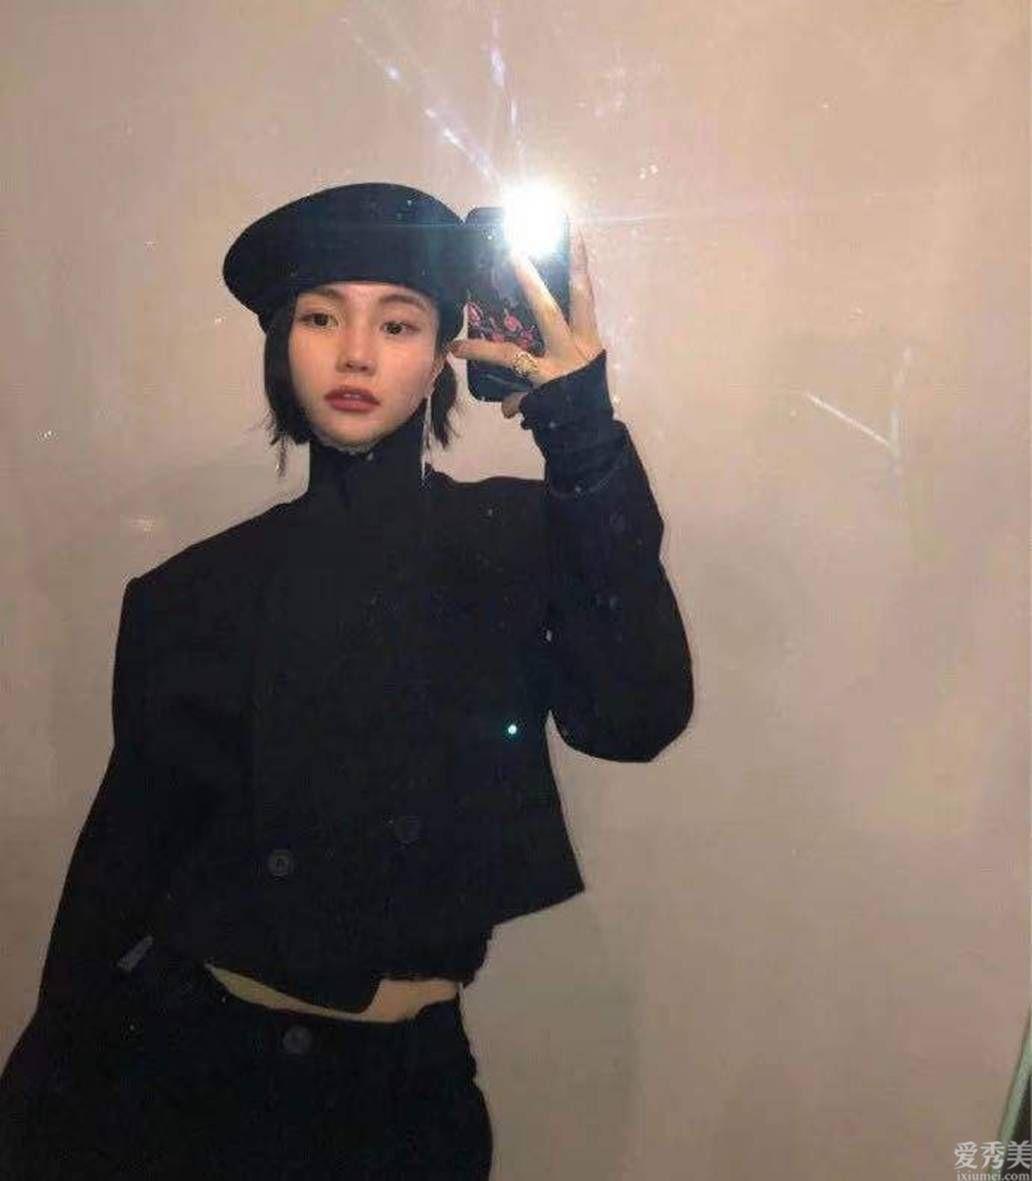 短發女孩的穿搭方式mark一下?韓風風穿搭優美又幹脆利落,超漂亮的